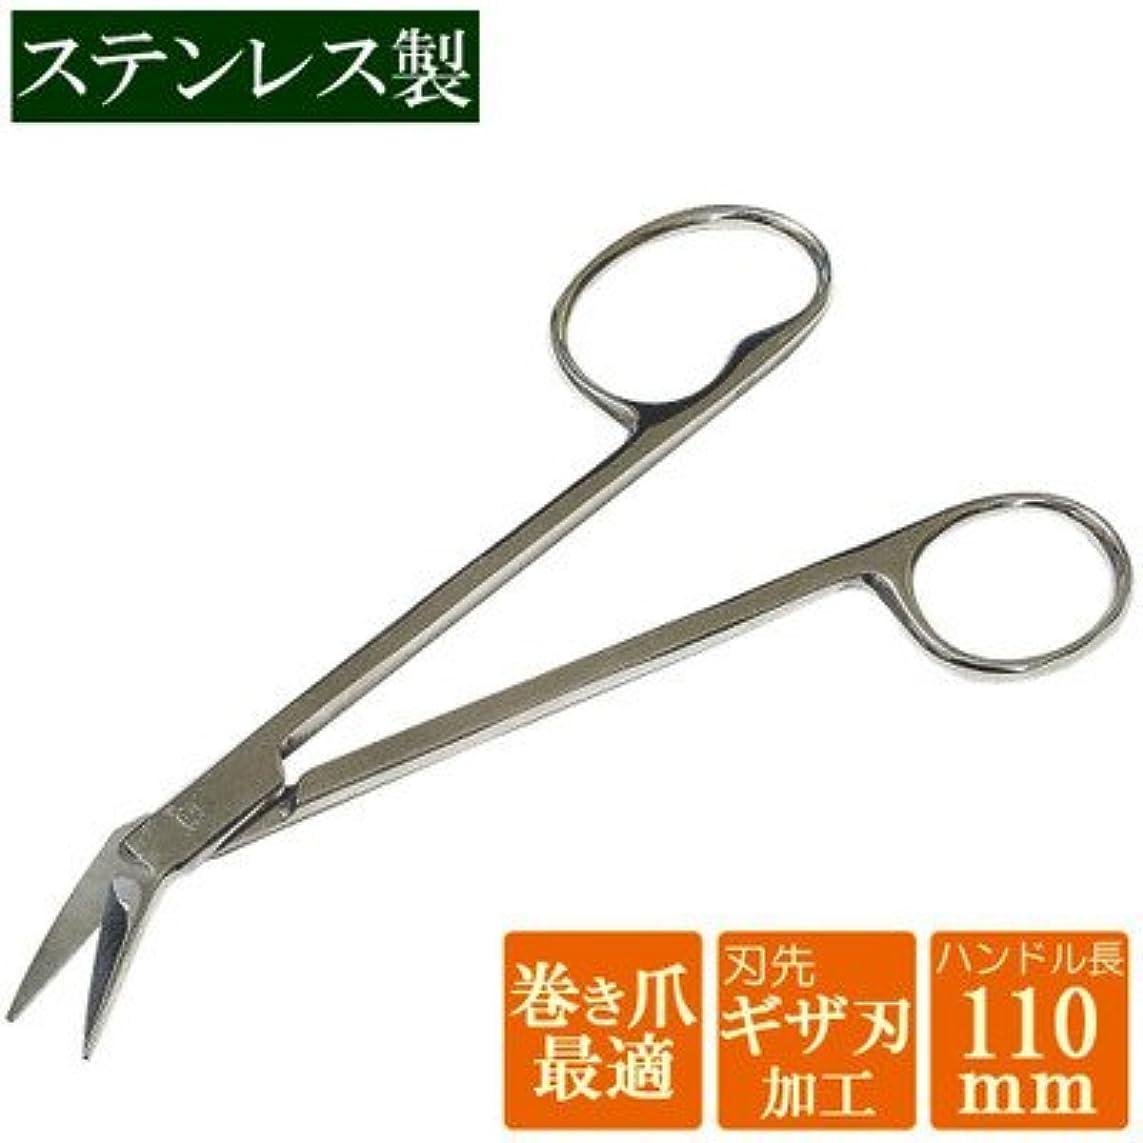 もっと少なく国内のペインティング88021 ロング足用爪切りハサミ 自由なラインで切れる足用爪切りハサミ